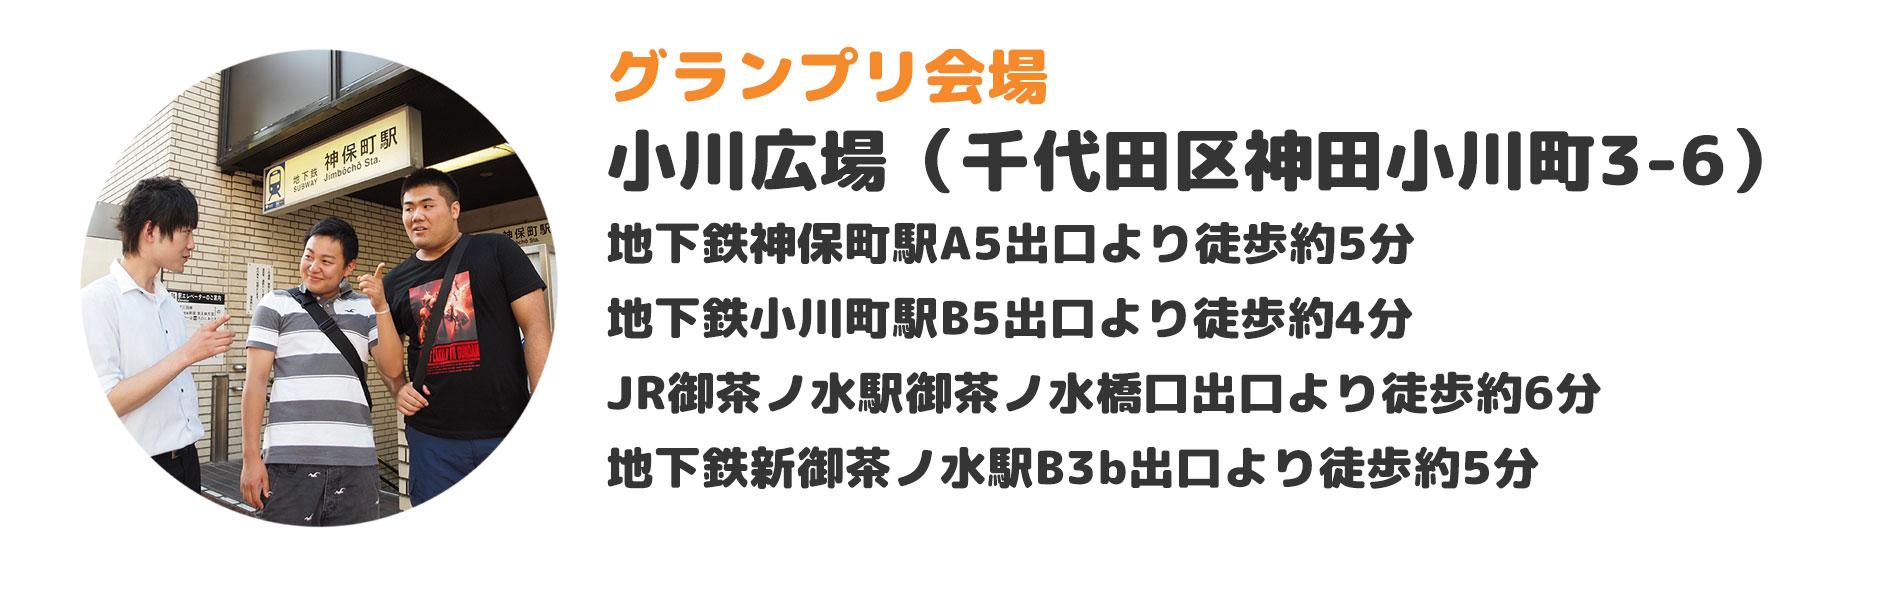 グランプリ会場は千代田区神田小川3-6 小川広場です